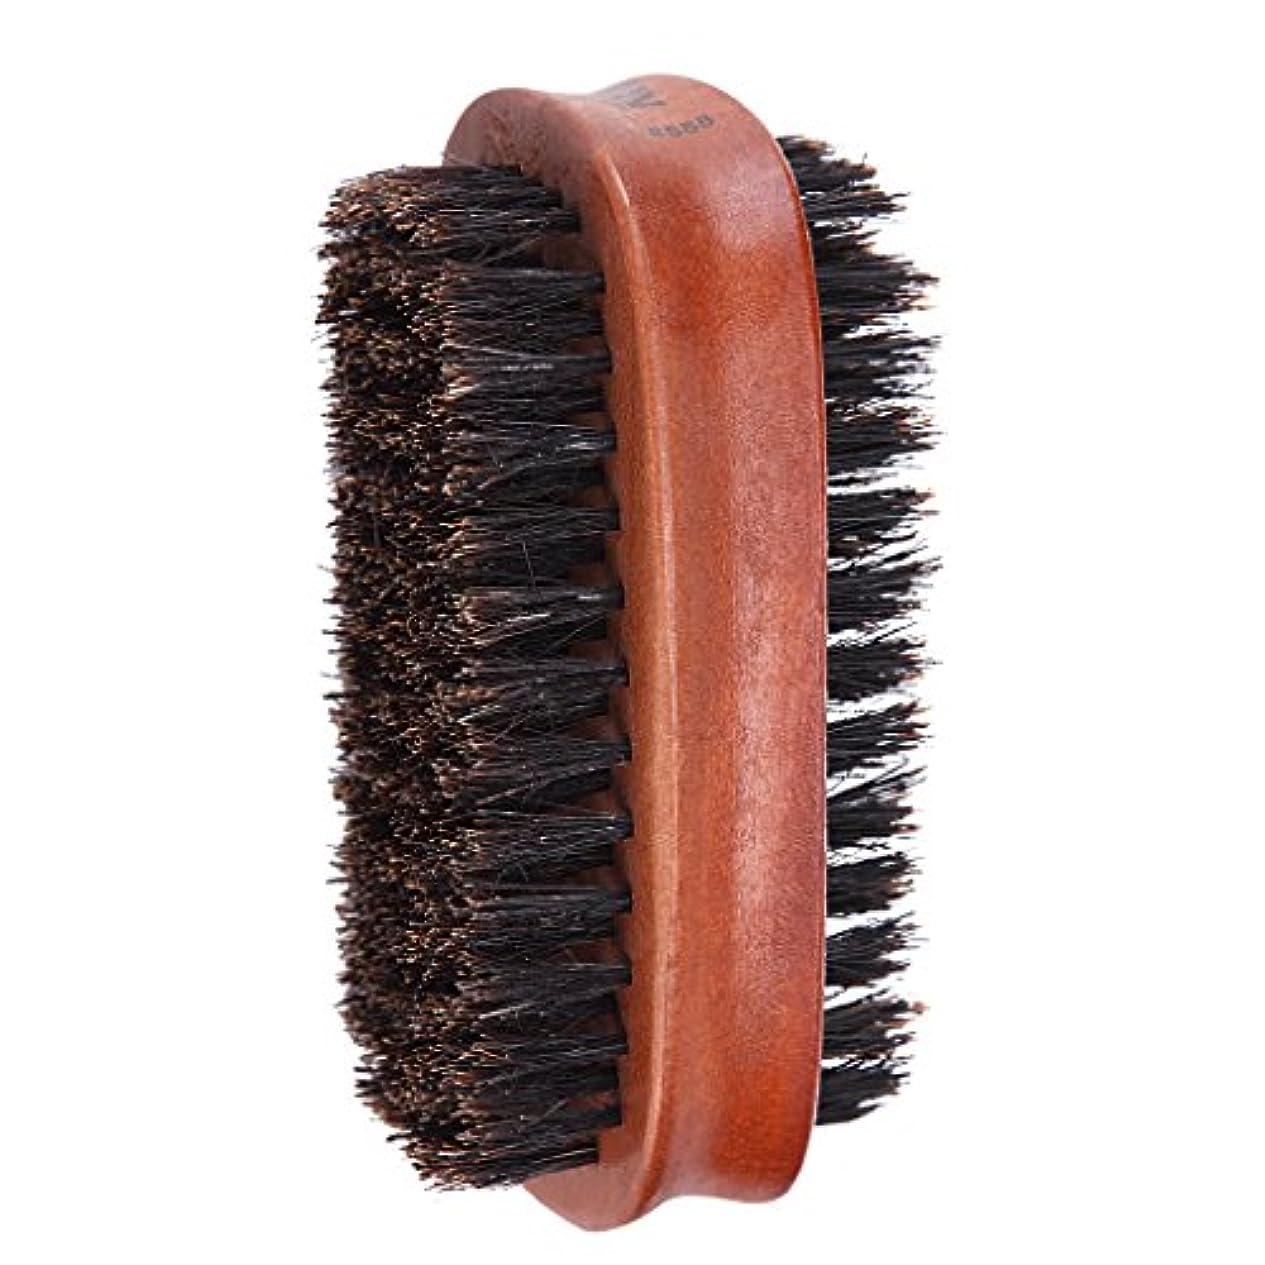 シンク拾うパートナーToygogo ヘアブラシ 両面ブラシ 男性 髭 口ひげ グルーミングブラシ ブリストルブラシ